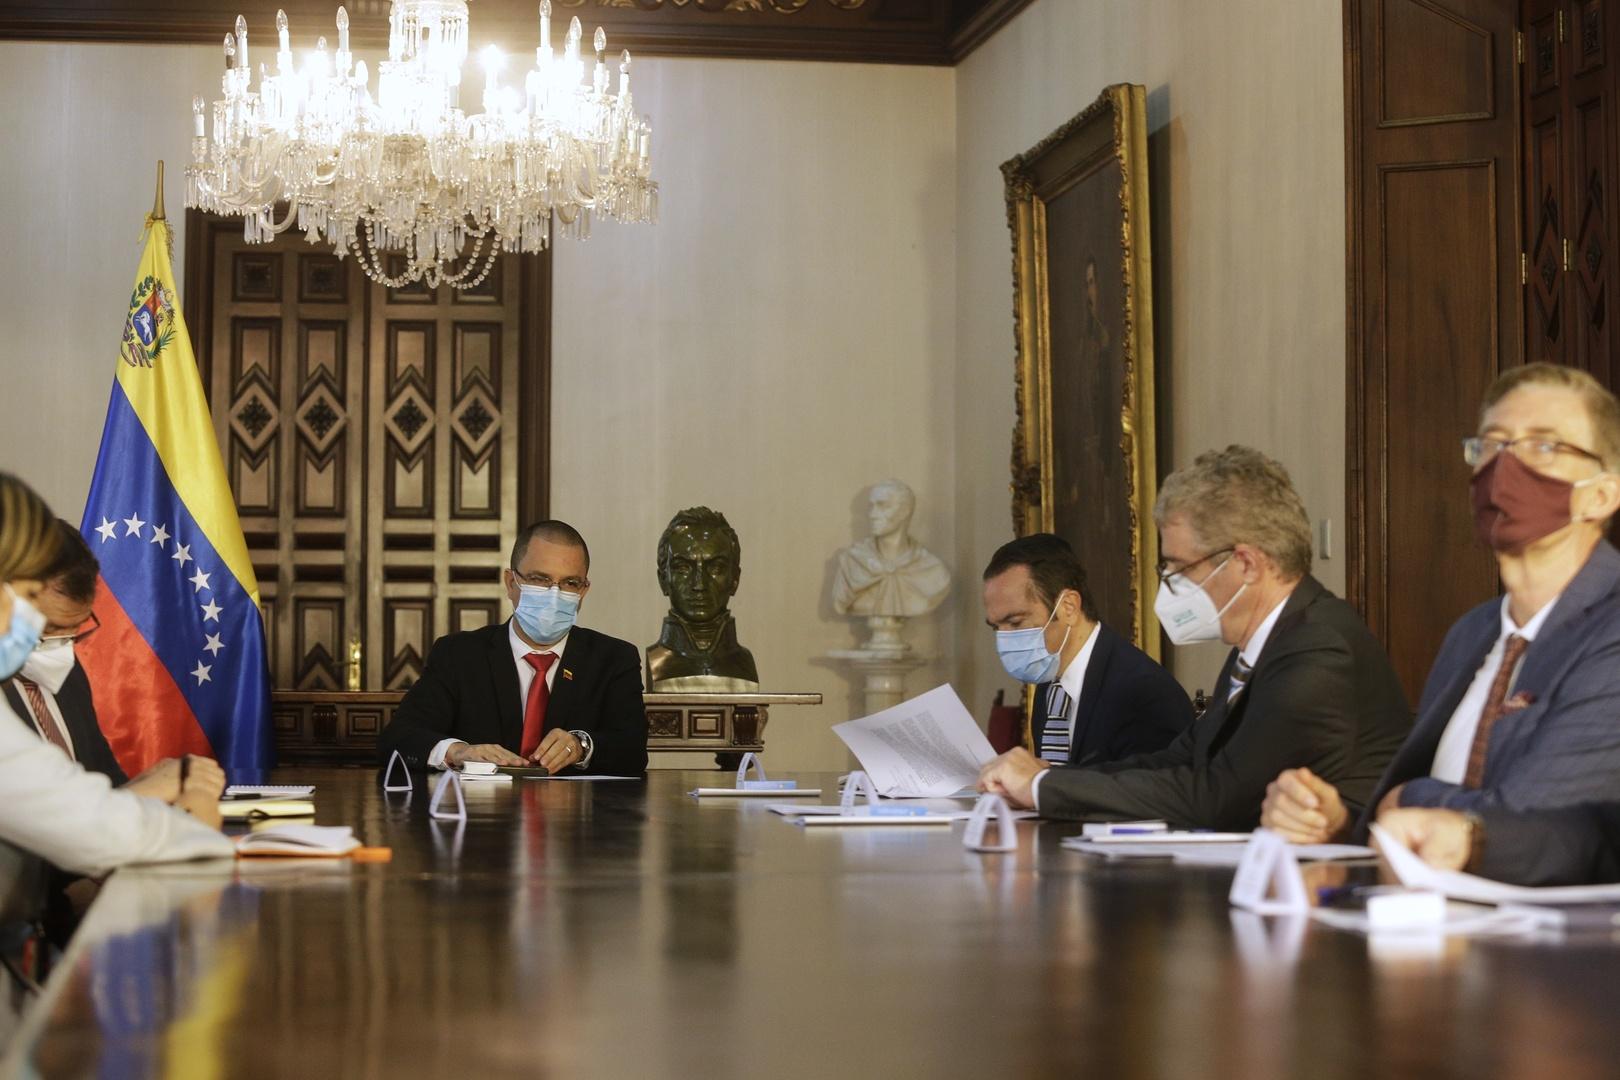 وزير الخارجية الفنزويلي يسلم مذكرات احتجاج لسفراء 4 دول أوروبية